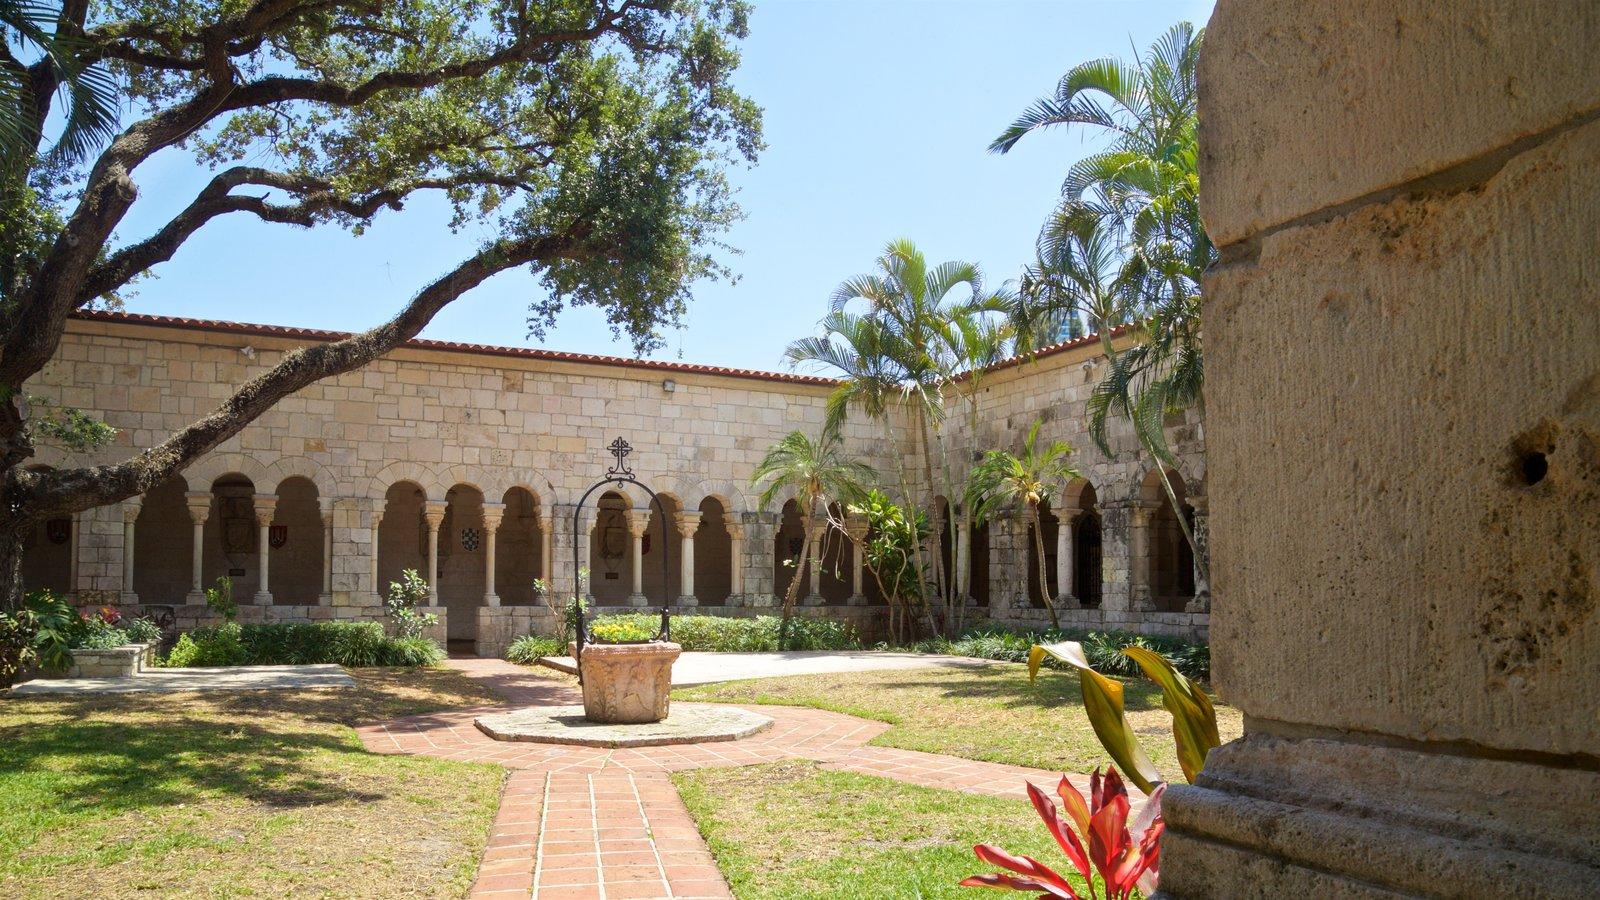 Antiguo Monasterio Español que incluye un jardín y elementos del patrimonio